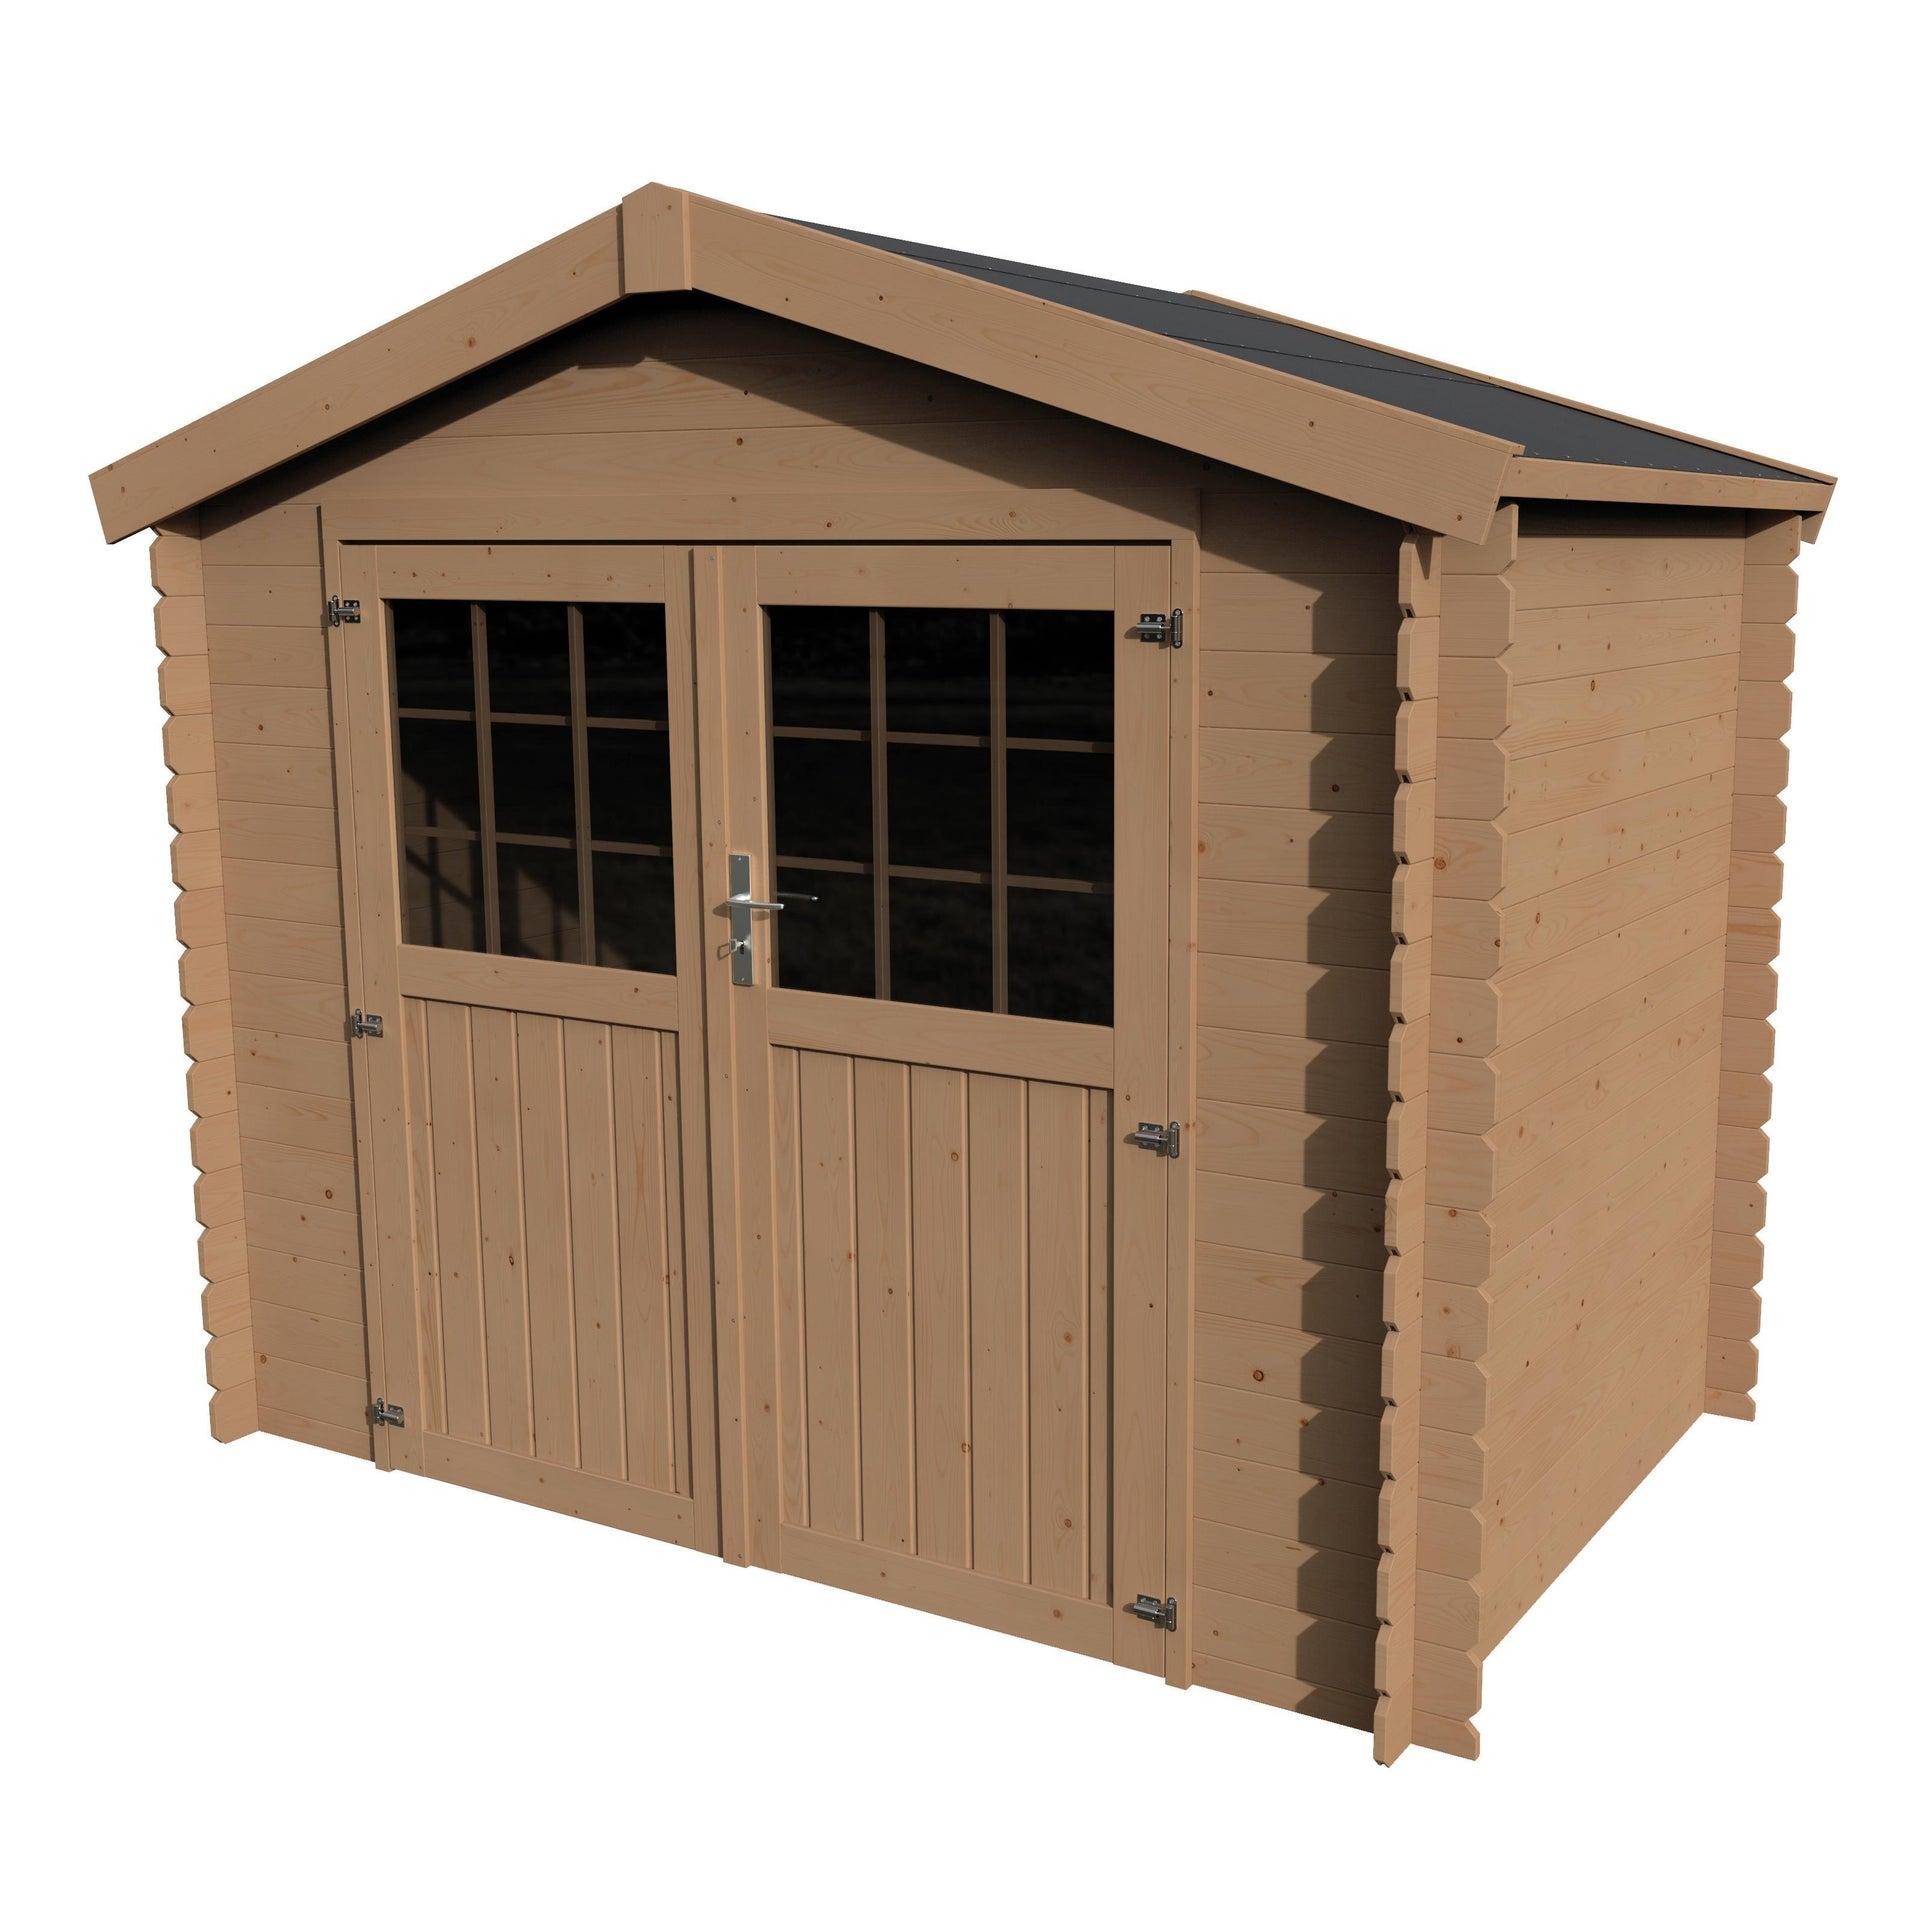 Casetta da giardino in legno Impregnata Narciso, superficie interna 3.73 m² e spessore parete 19 mm - 4